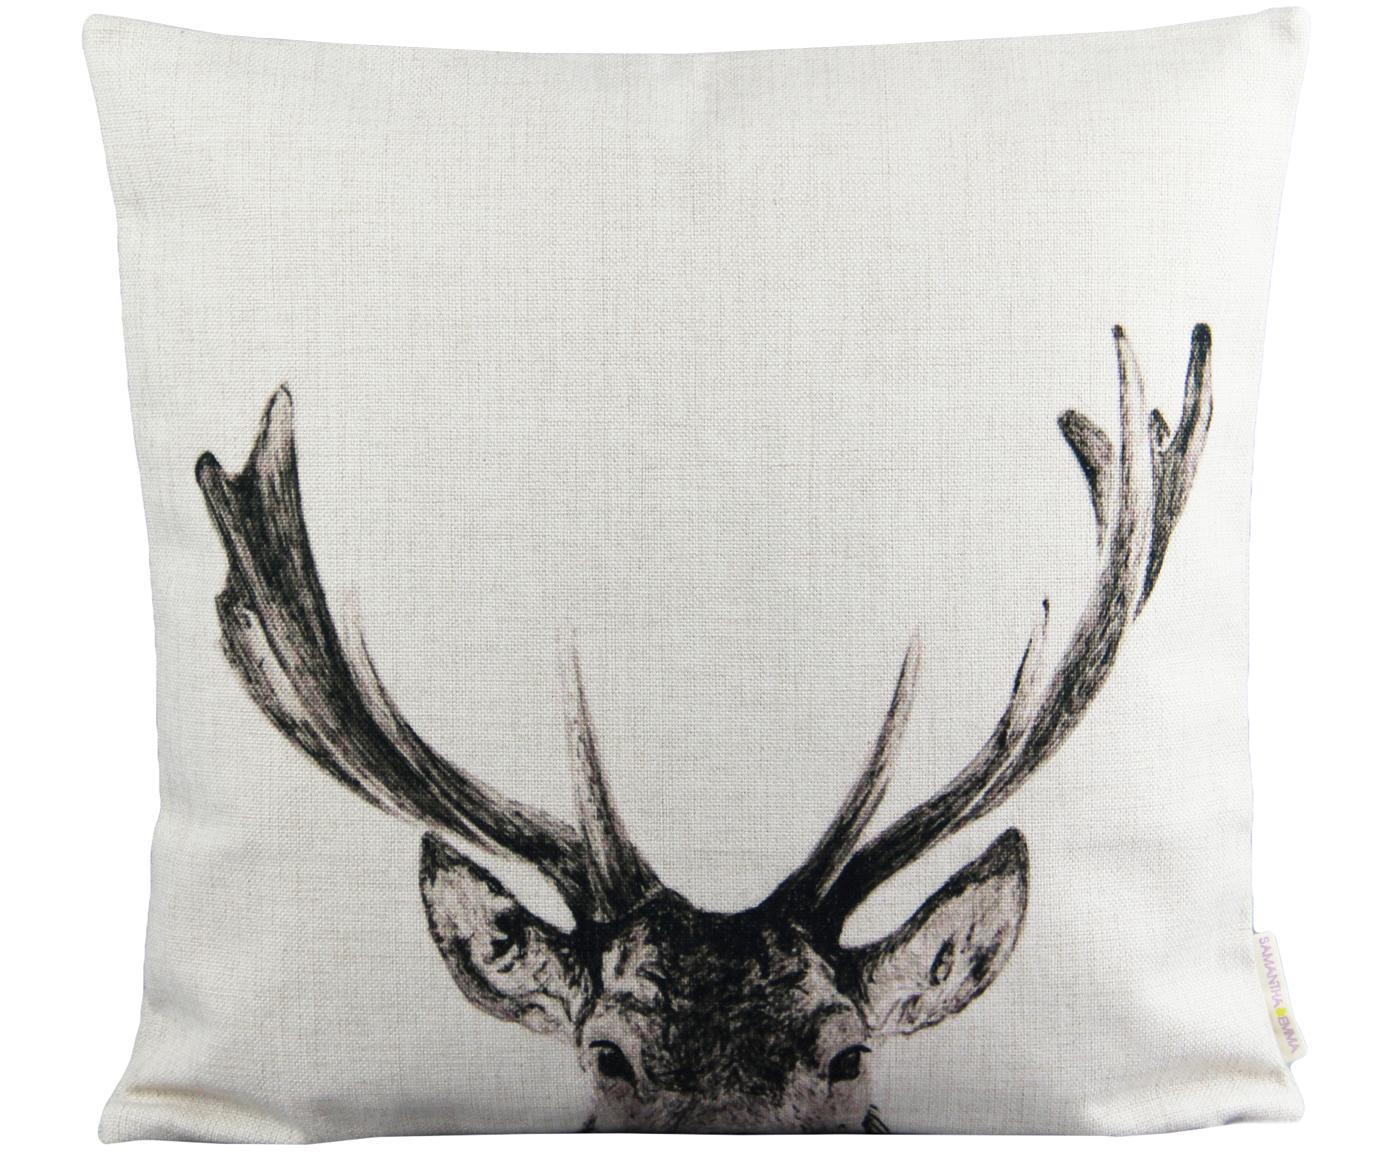 Leinen-Kissenhülle Reindeer, Leinen, Gebrochenes Weiß, Schwarz, 45 x 45 cm